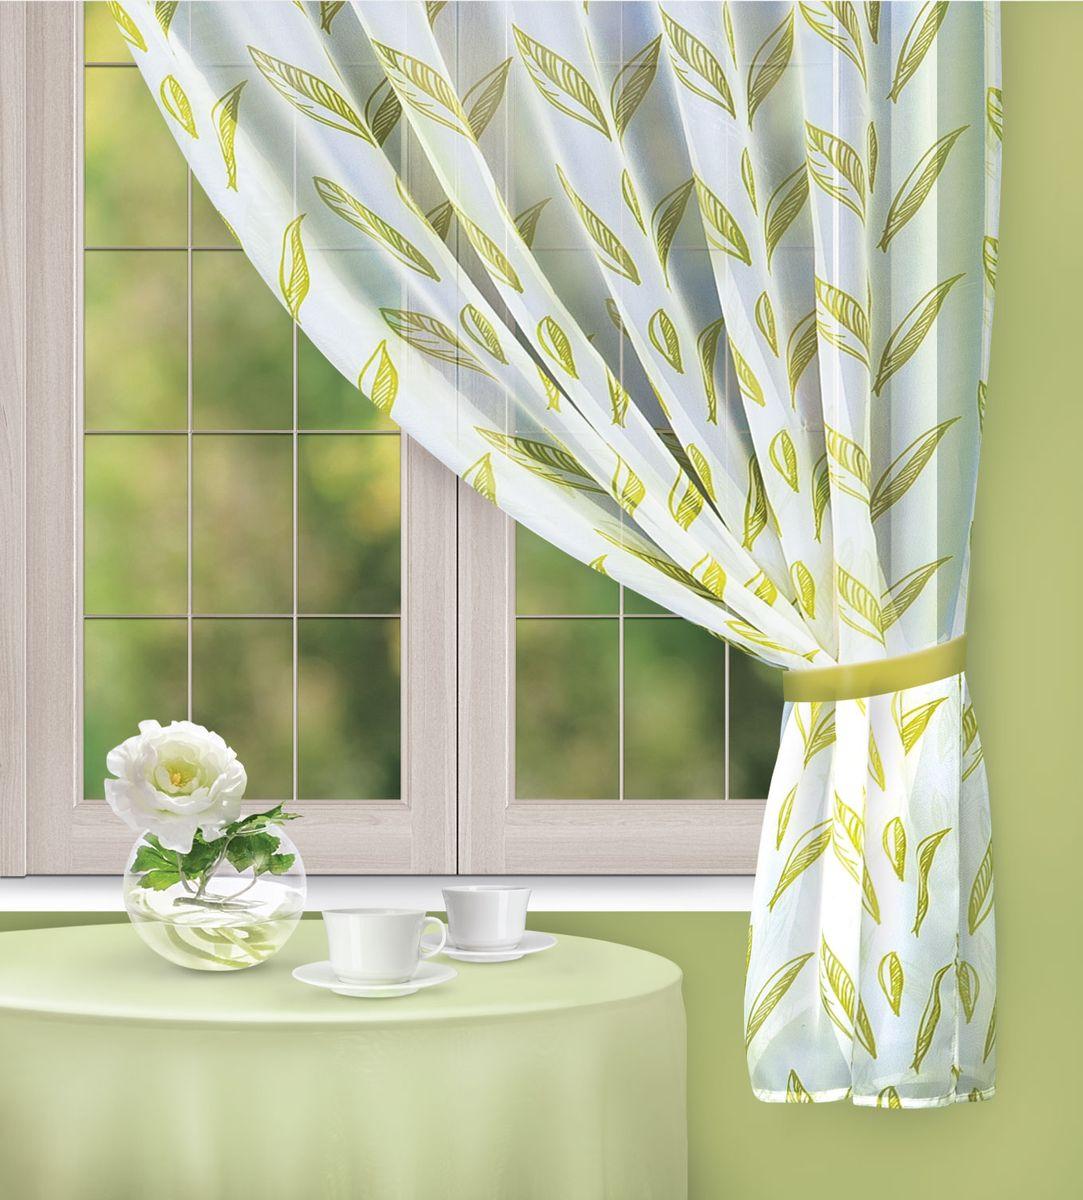 Штора для кухни Home Queen Olive Dream, на петлях, цвет: белый, зеленый, высота 170 см67397Яркая штора Home Queen Olive Dream выполнена из полиэстера. Полупрозрачная ткань, приятная цветовая гамма, рисунок с листьями привлекут к себе внимание и органично впишутся в интерьер помещения. Такая штора идеально подходит для солнечных комнат. Мягко рассеивая прямые лучи, она хорошо пропускает дневной свет и защищает от посторонних глаз. Отличное решение для многослойного оформления окон. Эта штора будет долгое время радовать вас и вашу семью! Изделие можно зафиксировать в одном положении с помощью однотонного подхвата на пуговице. Штора крепится на карниз при помощи петель. В комплект входит: Штора: 1 шт. Размер (Ш х В): 142 см х 170 см. Подхват: 1 шт. Размер (Д х Ш): 31 см х 4,5 см.